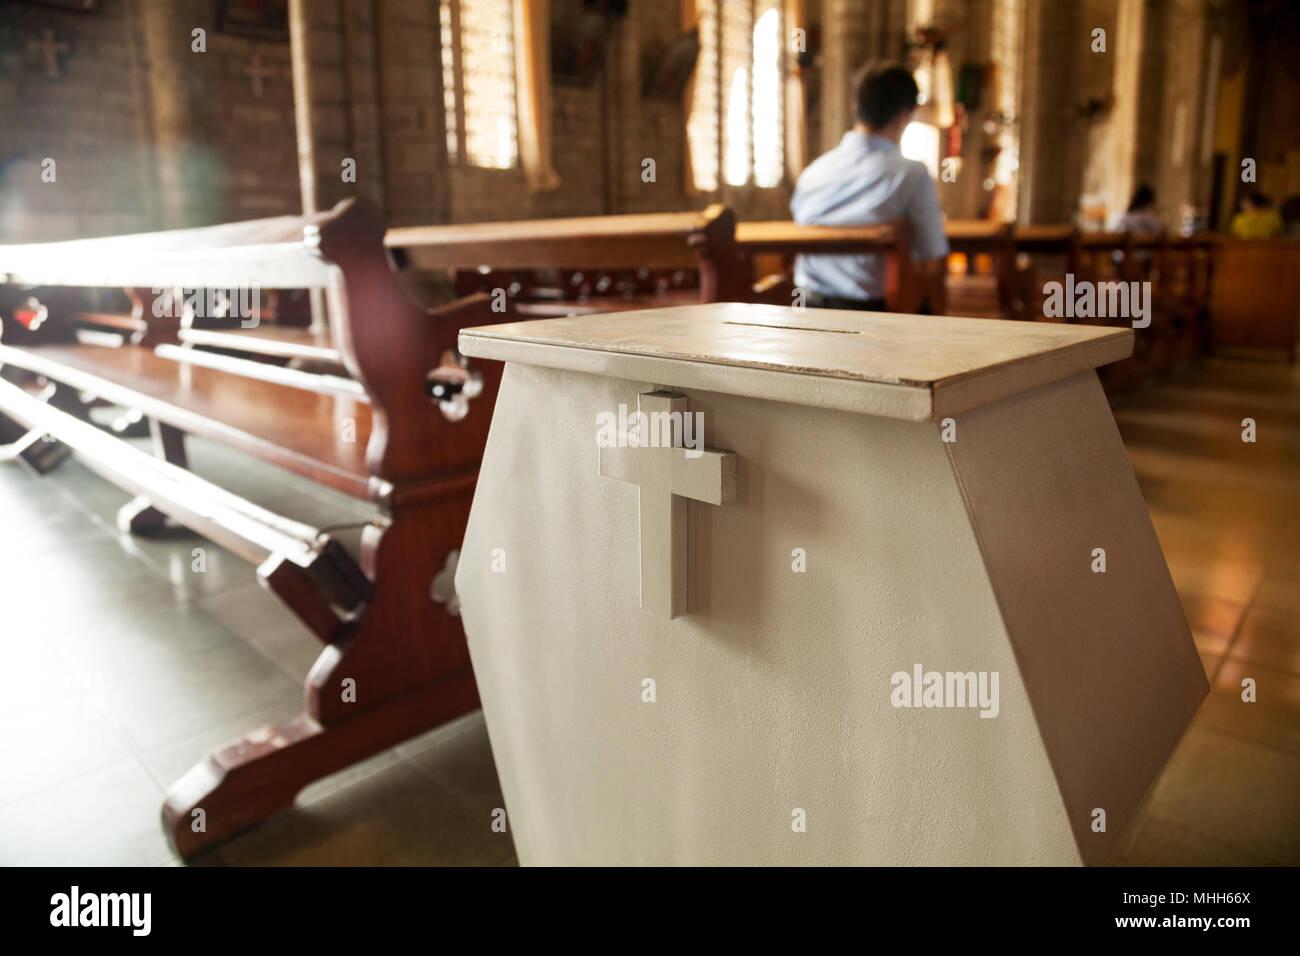 Donation box blanc avec une croix sur elle à une église chrétienne. Boîte de collecte de l'offertoire généreux au milieu de bancs à un temple Catholique Photo Stock